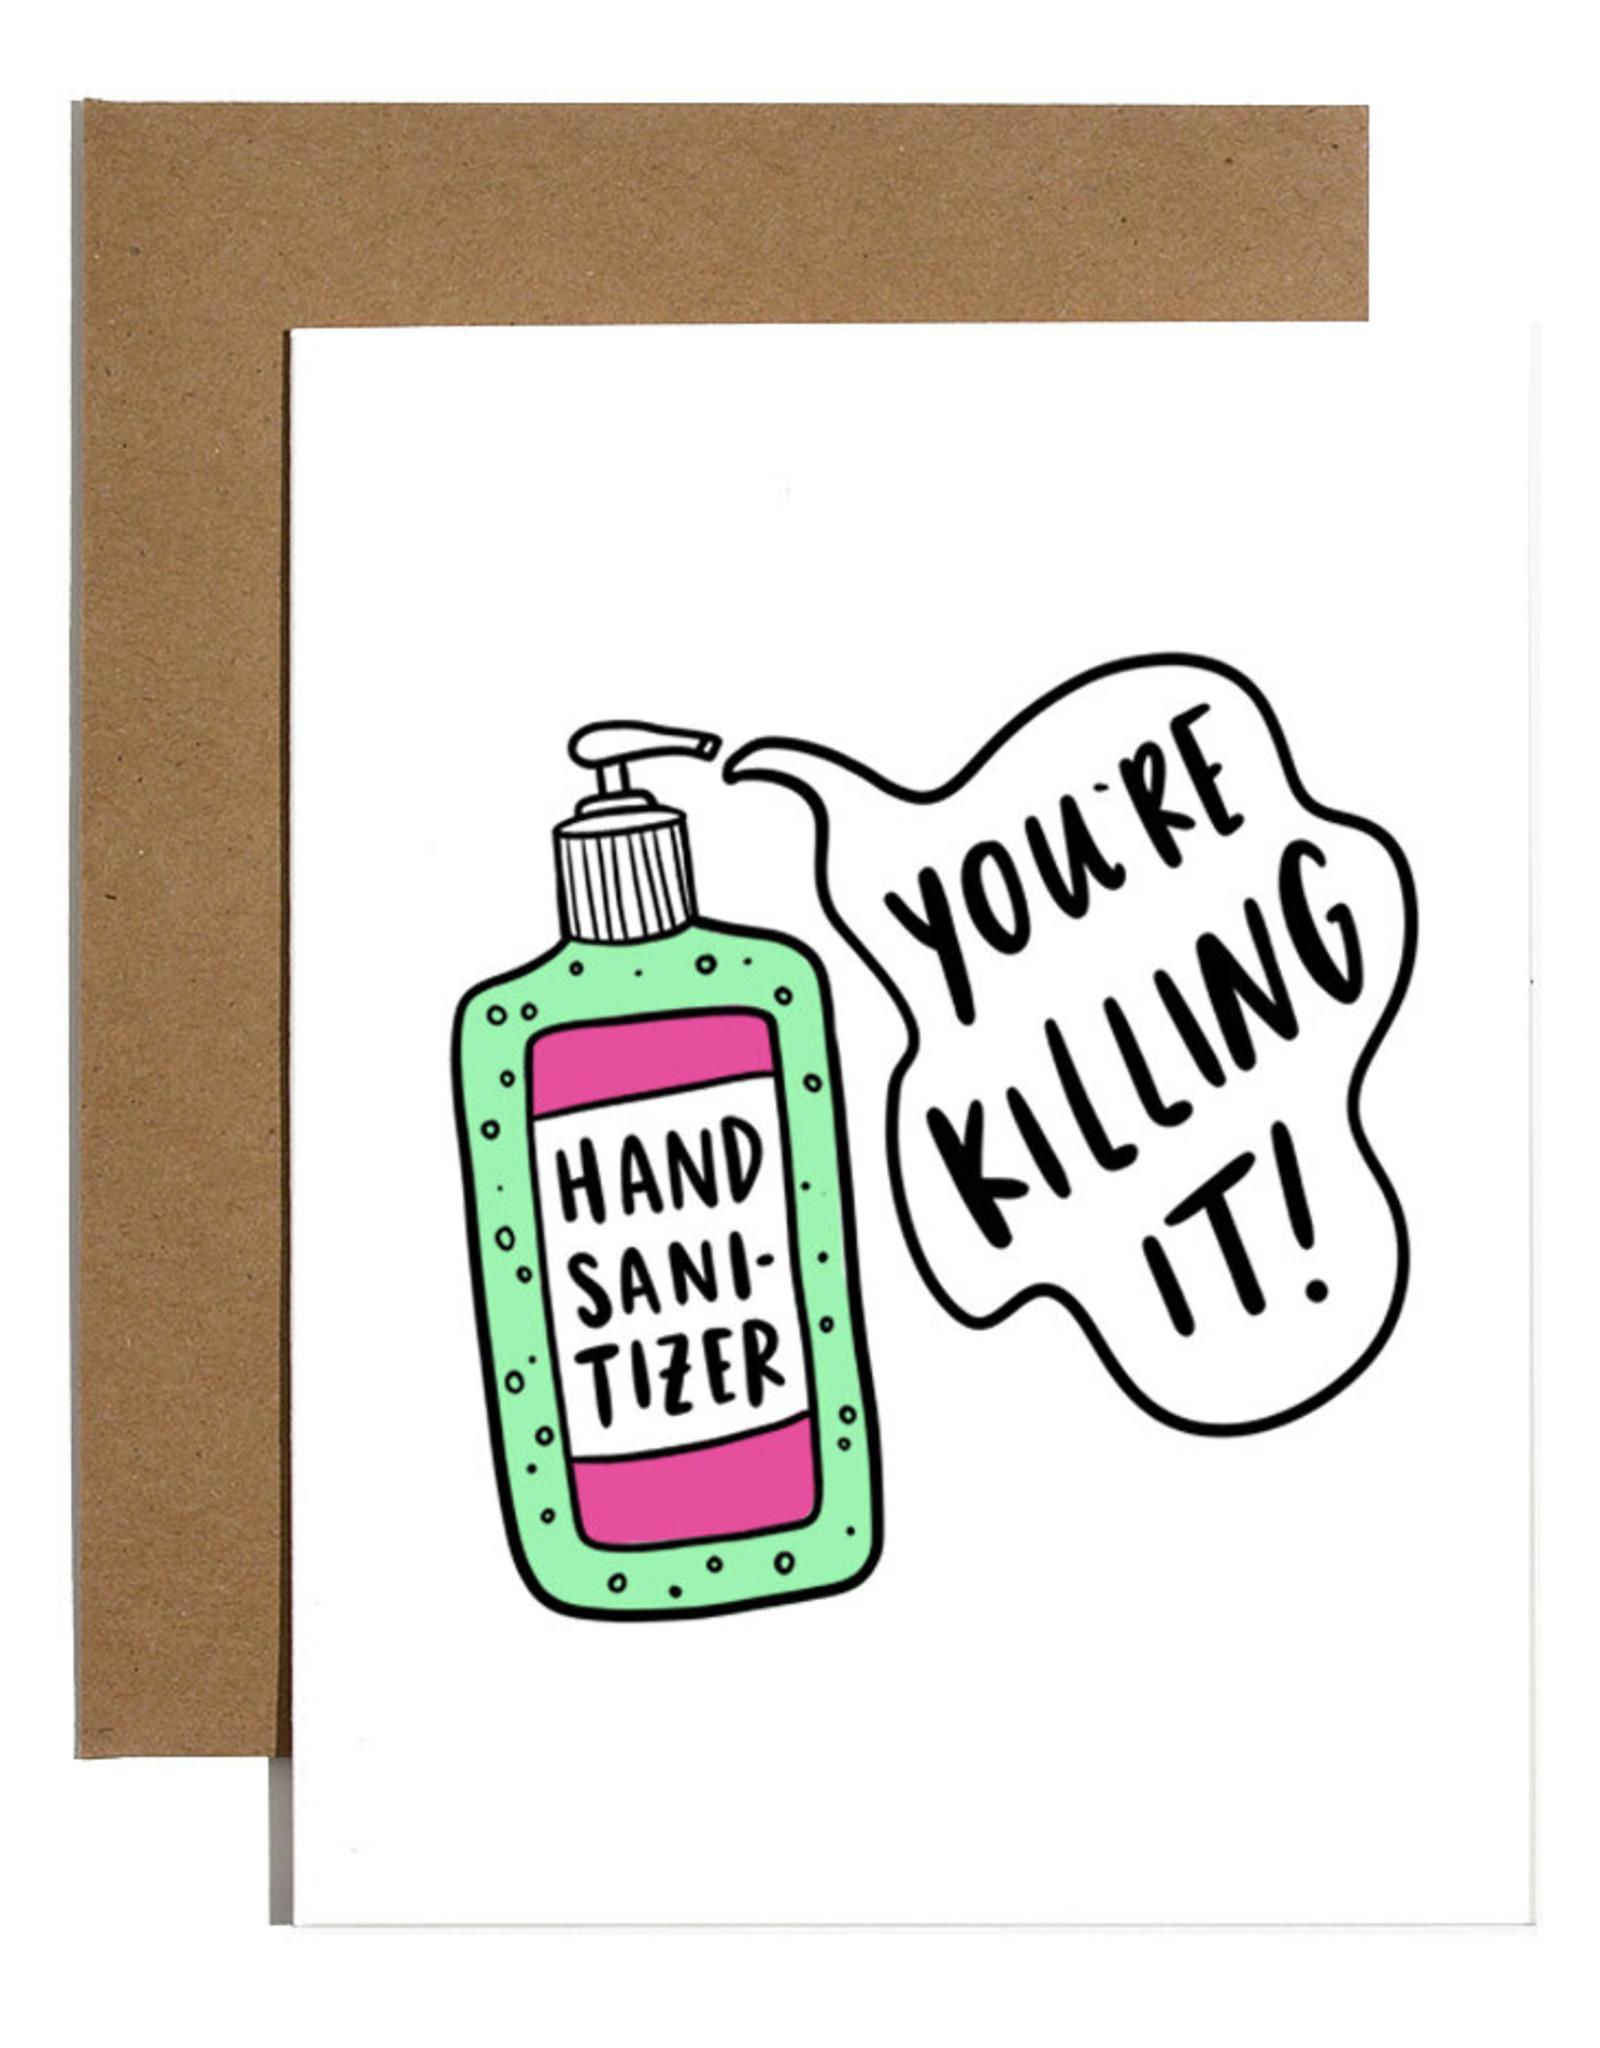 Card: Blank - You're Killin' it